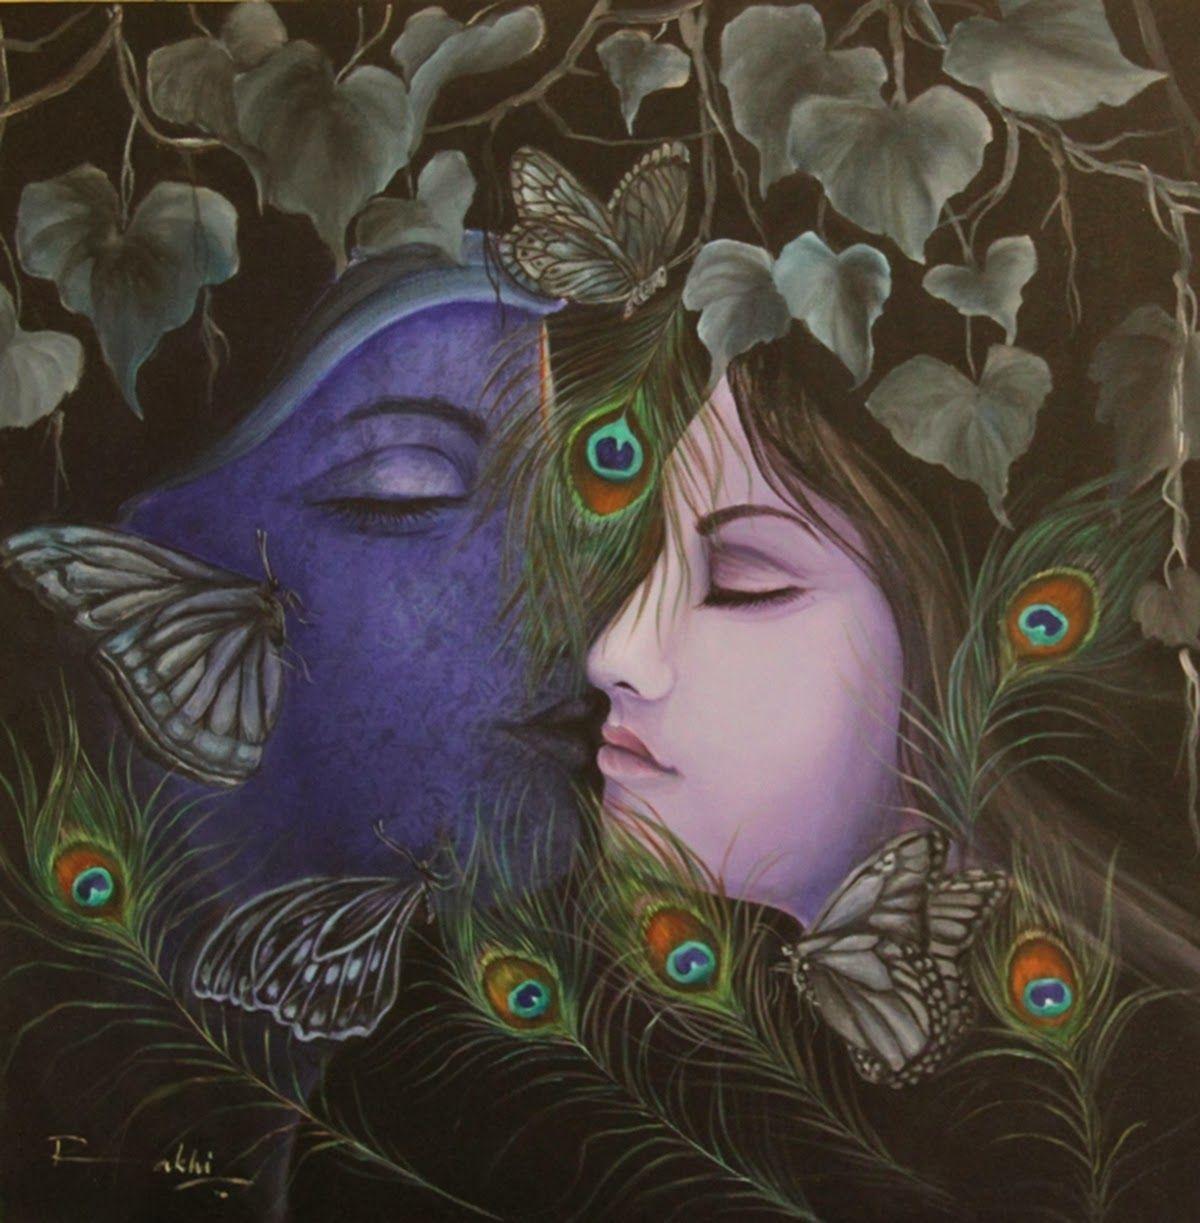 Krishna Hd Wallpaper : Hd Wallpapers ...